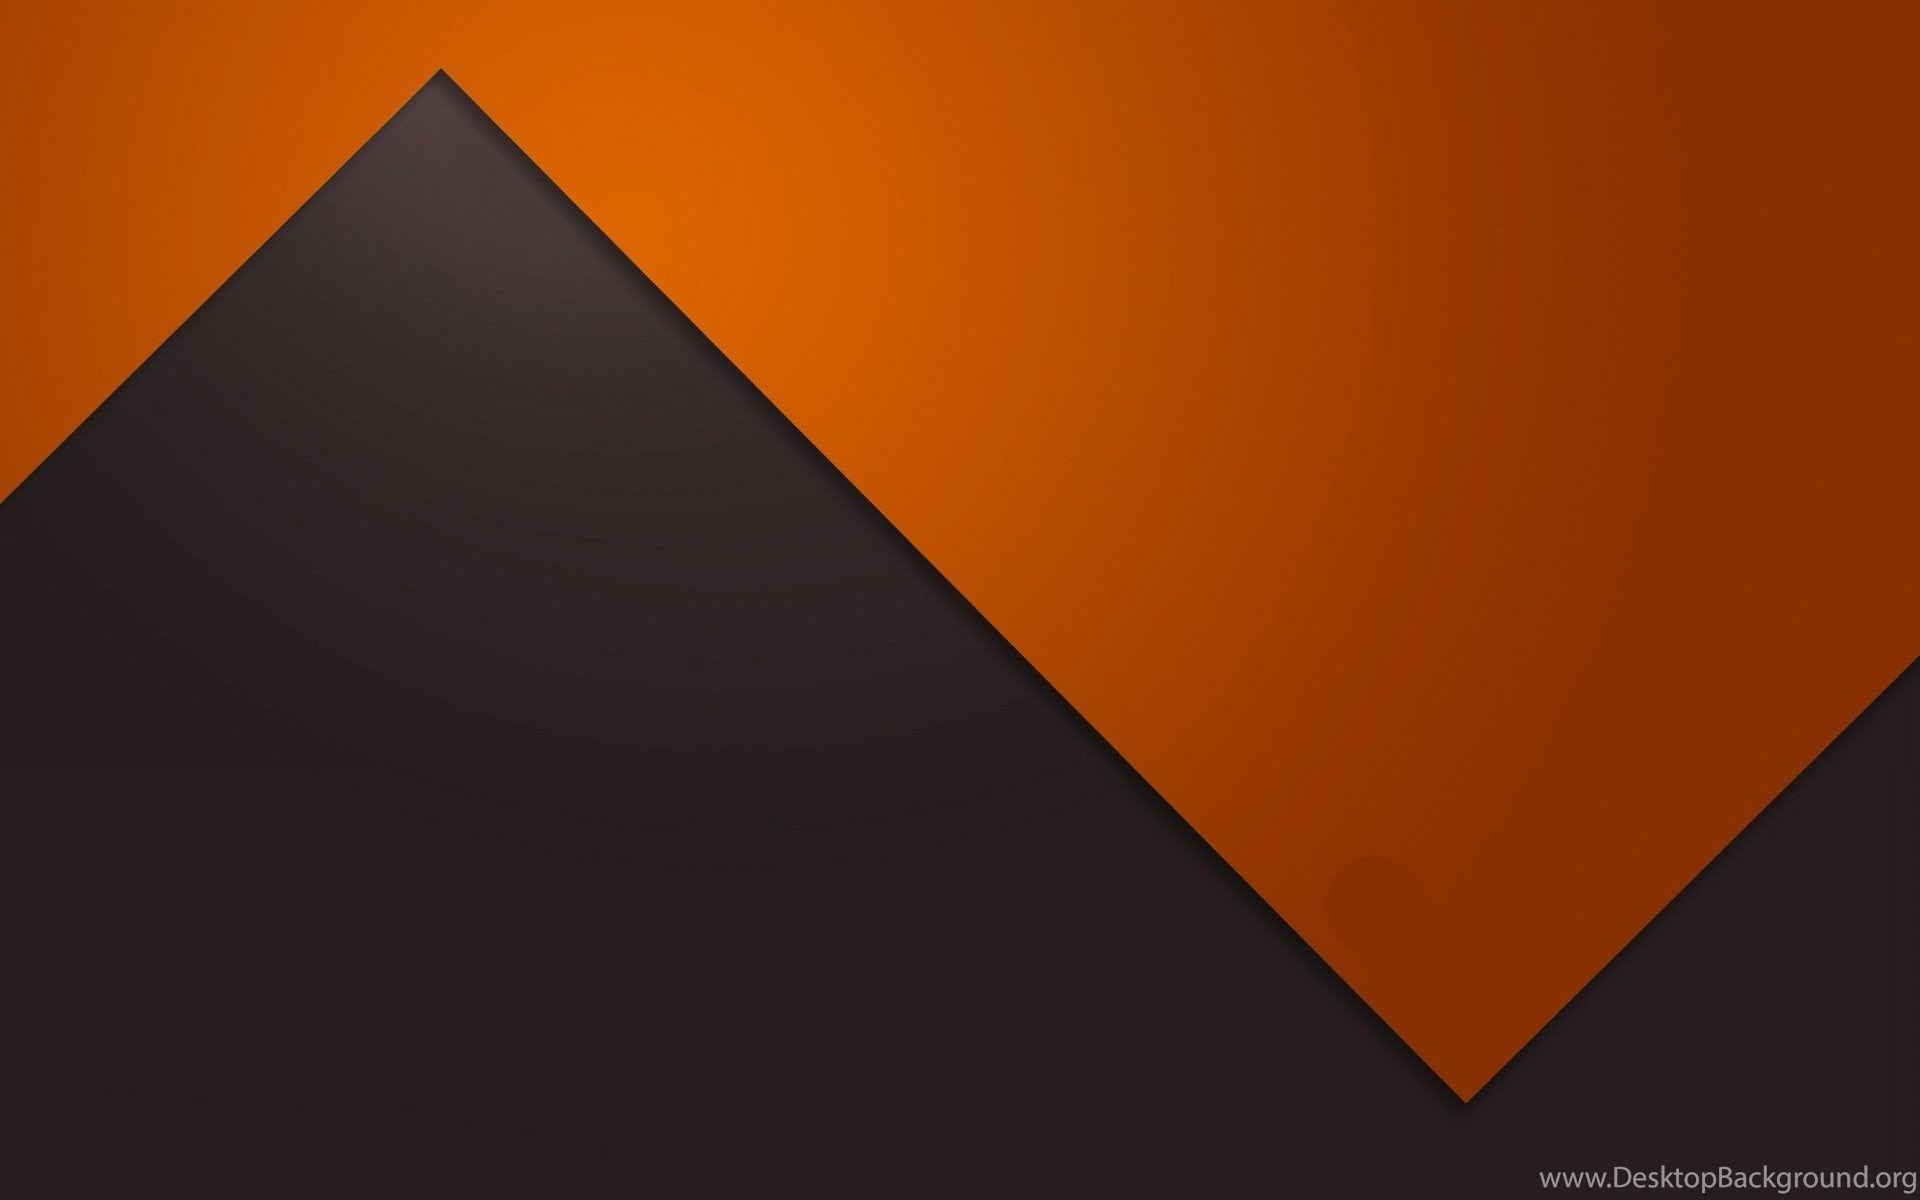 Desktop Hd Orange And Grey Wallpapers 3d Hd Pictures Desktop Background